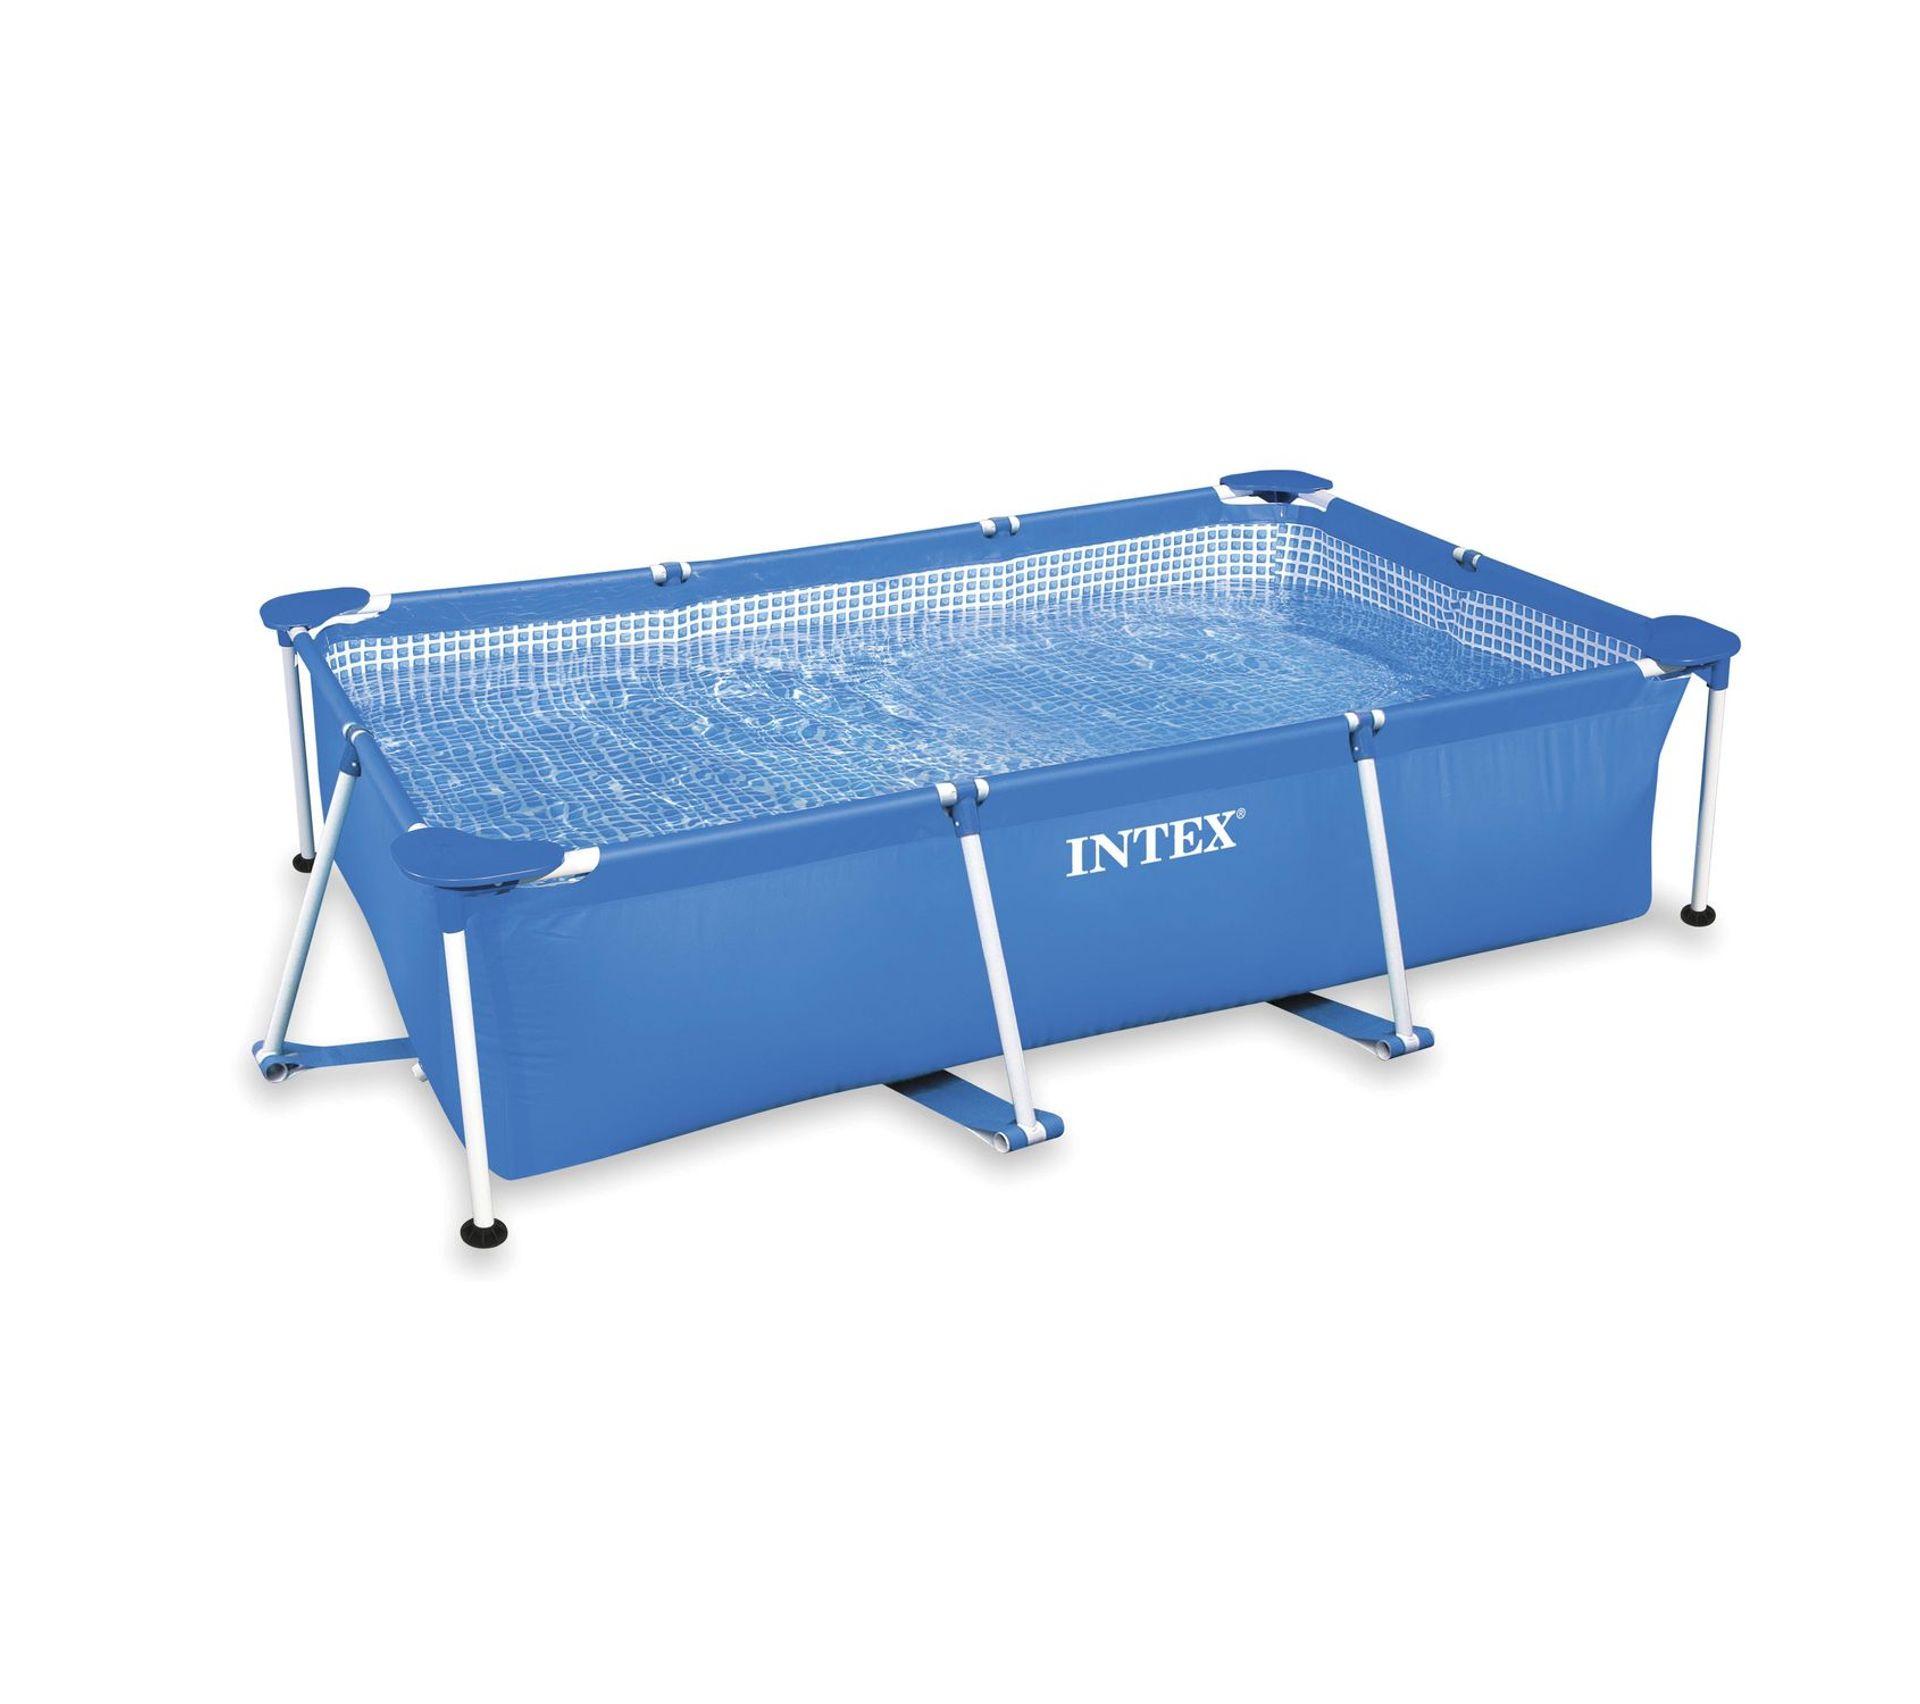 Eclairage Pour Piscine Tubulaire piscine tubulaire rectangulaire frame - l. 260 x h. 65 cm